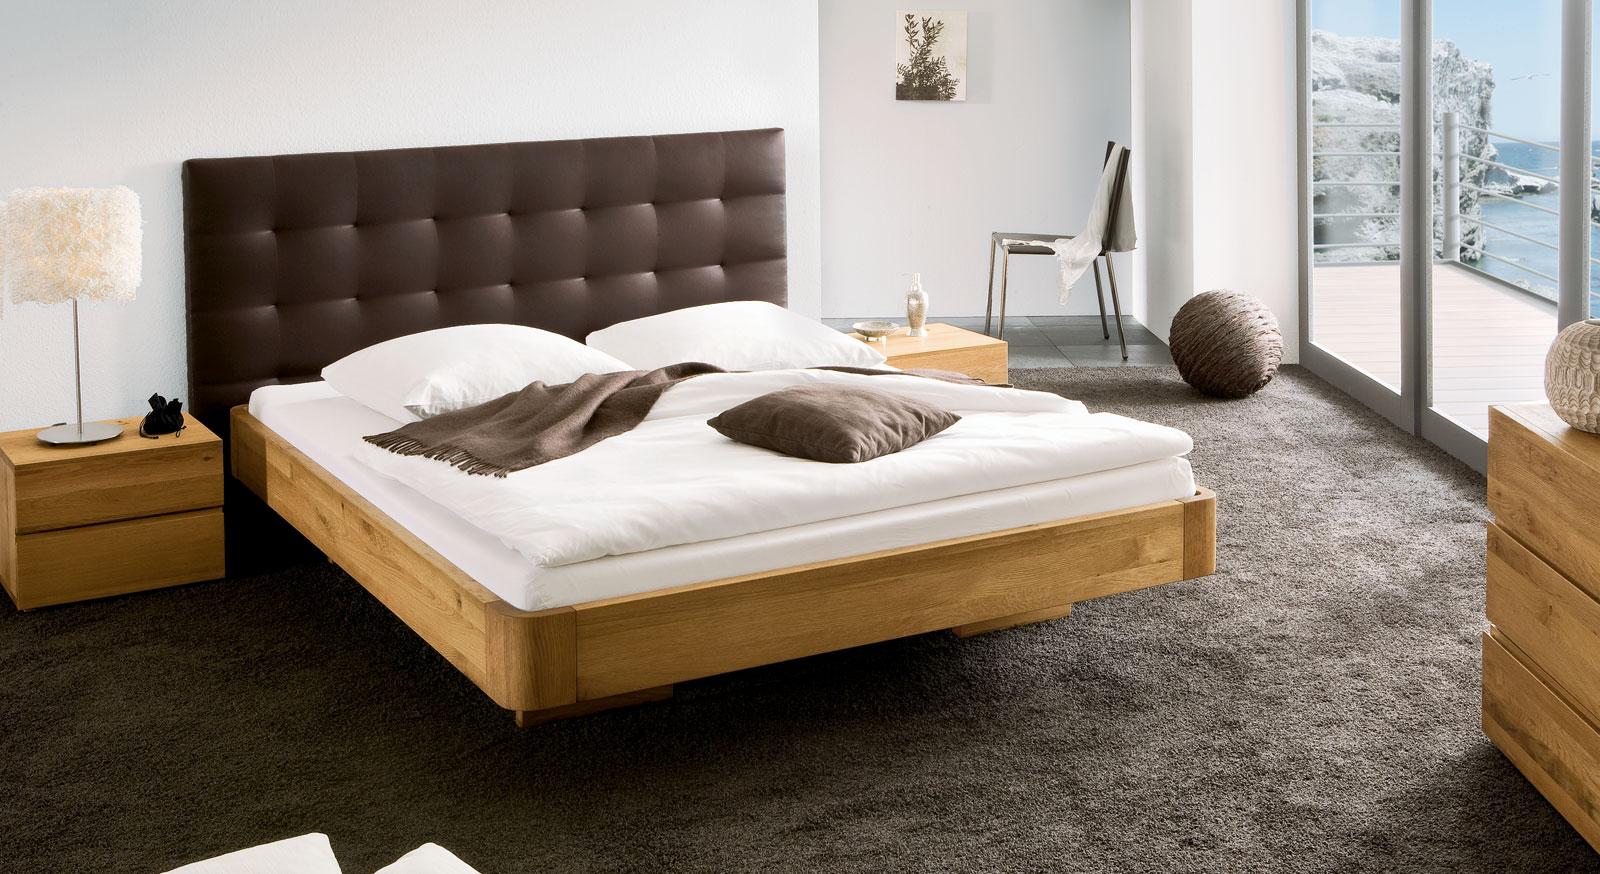 Bett schwebende optik aus eiche natur behandelt bett panama for Design versand